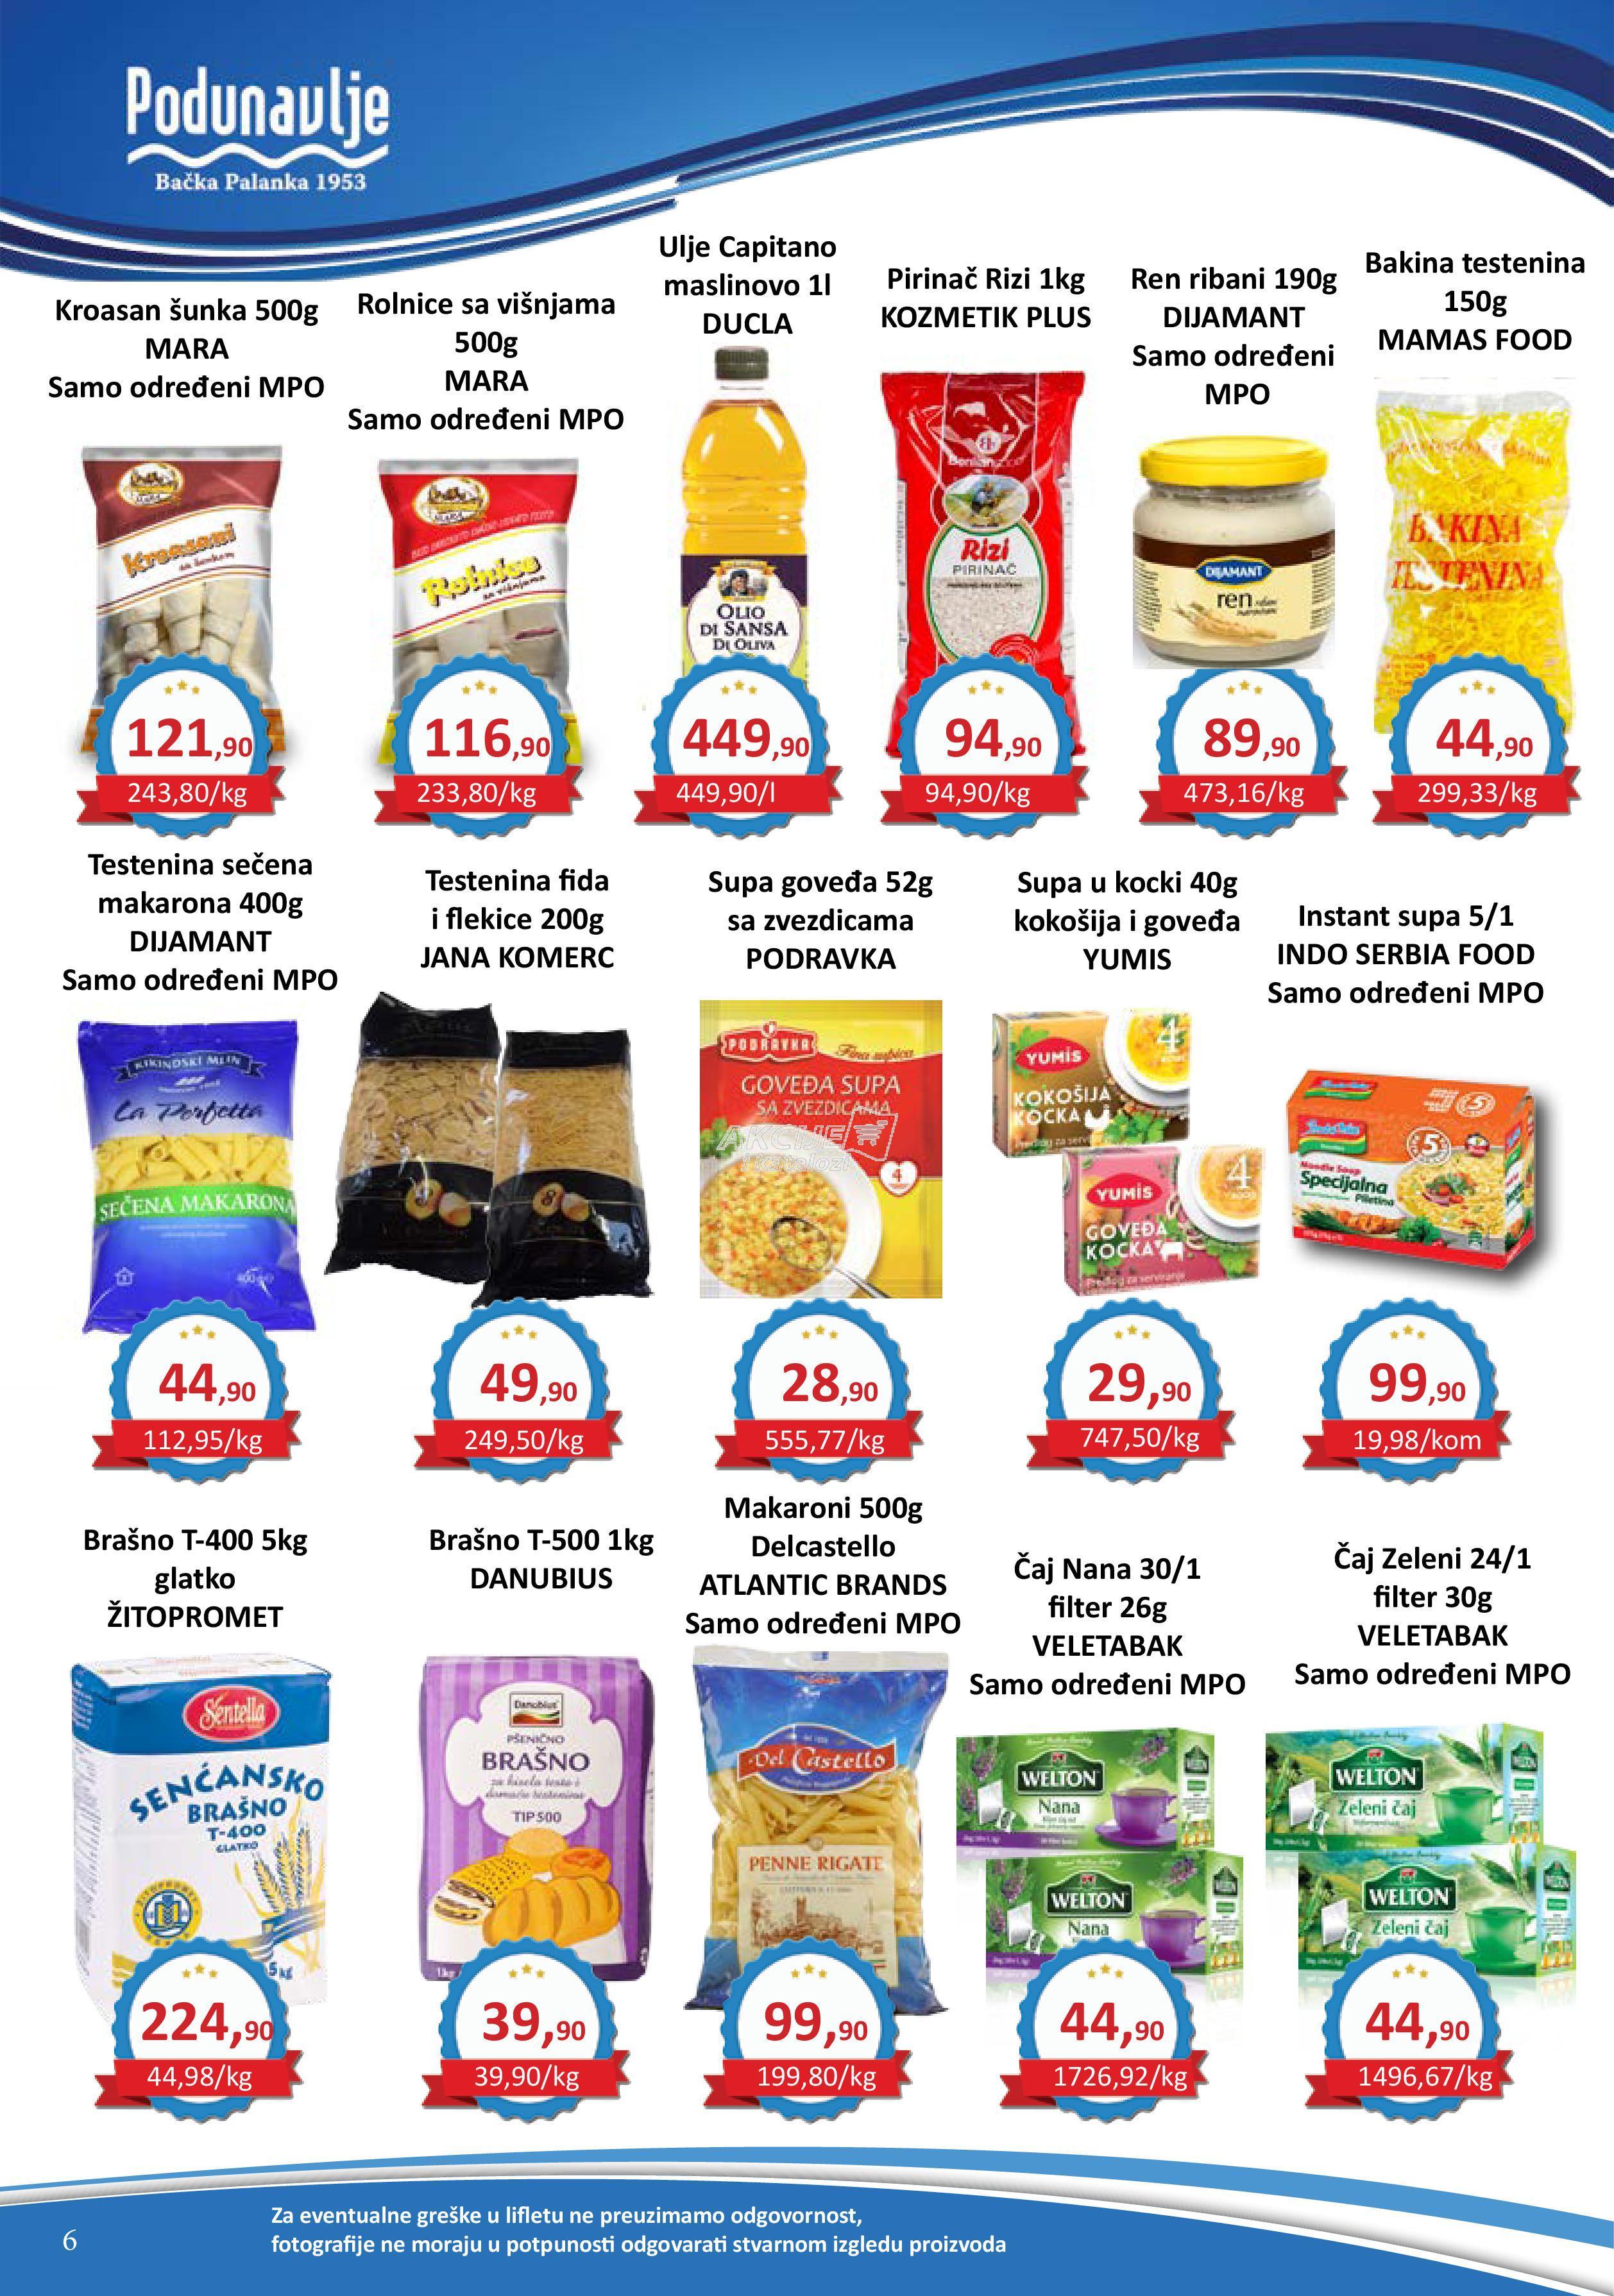 AD Podunavlje akcija super kupovine